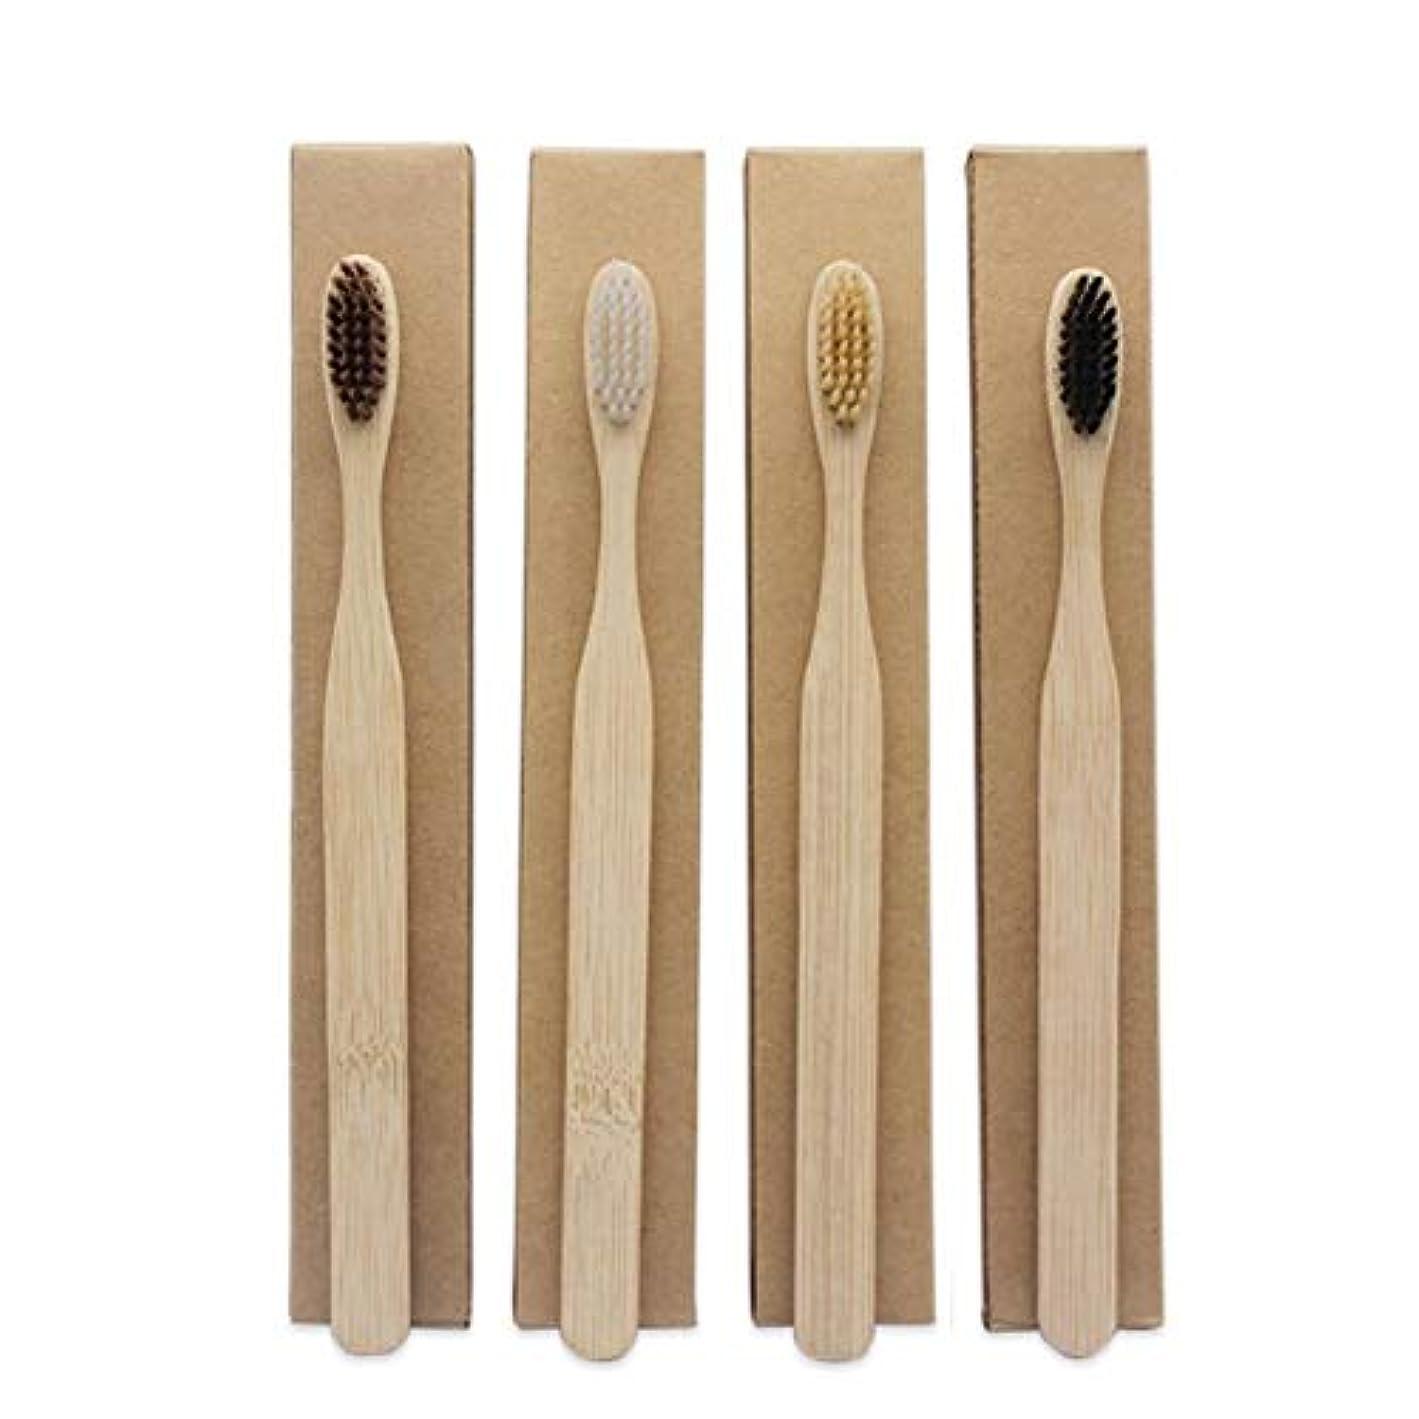 ちなみに焦がすながら1st market プレミアム品質竹歯ブラシオーラルケアエコソフトパック4個